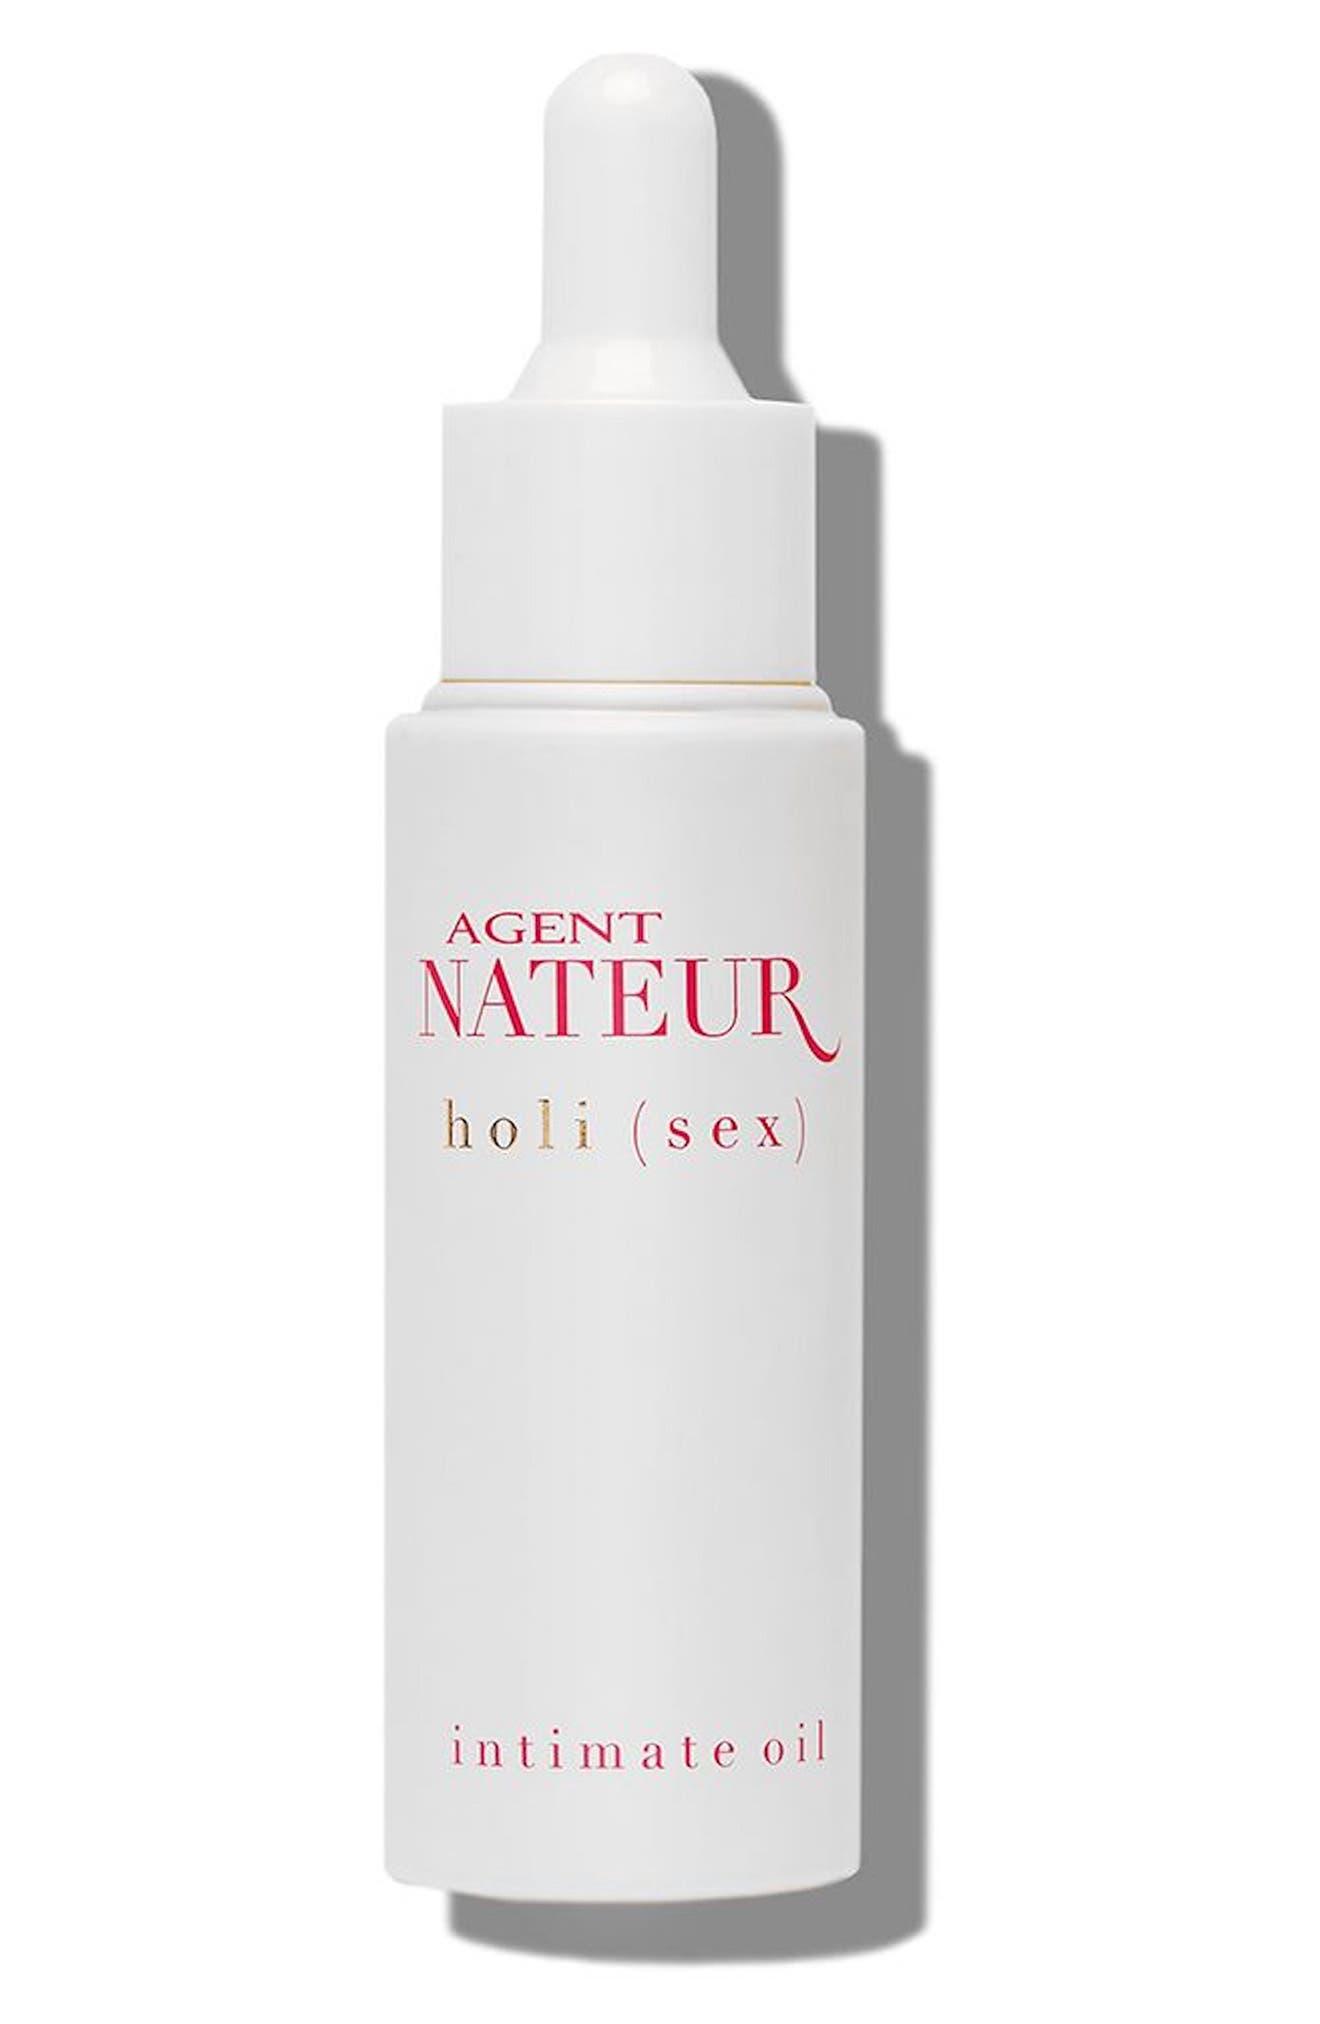 Holi(Sex) Intimate Oil